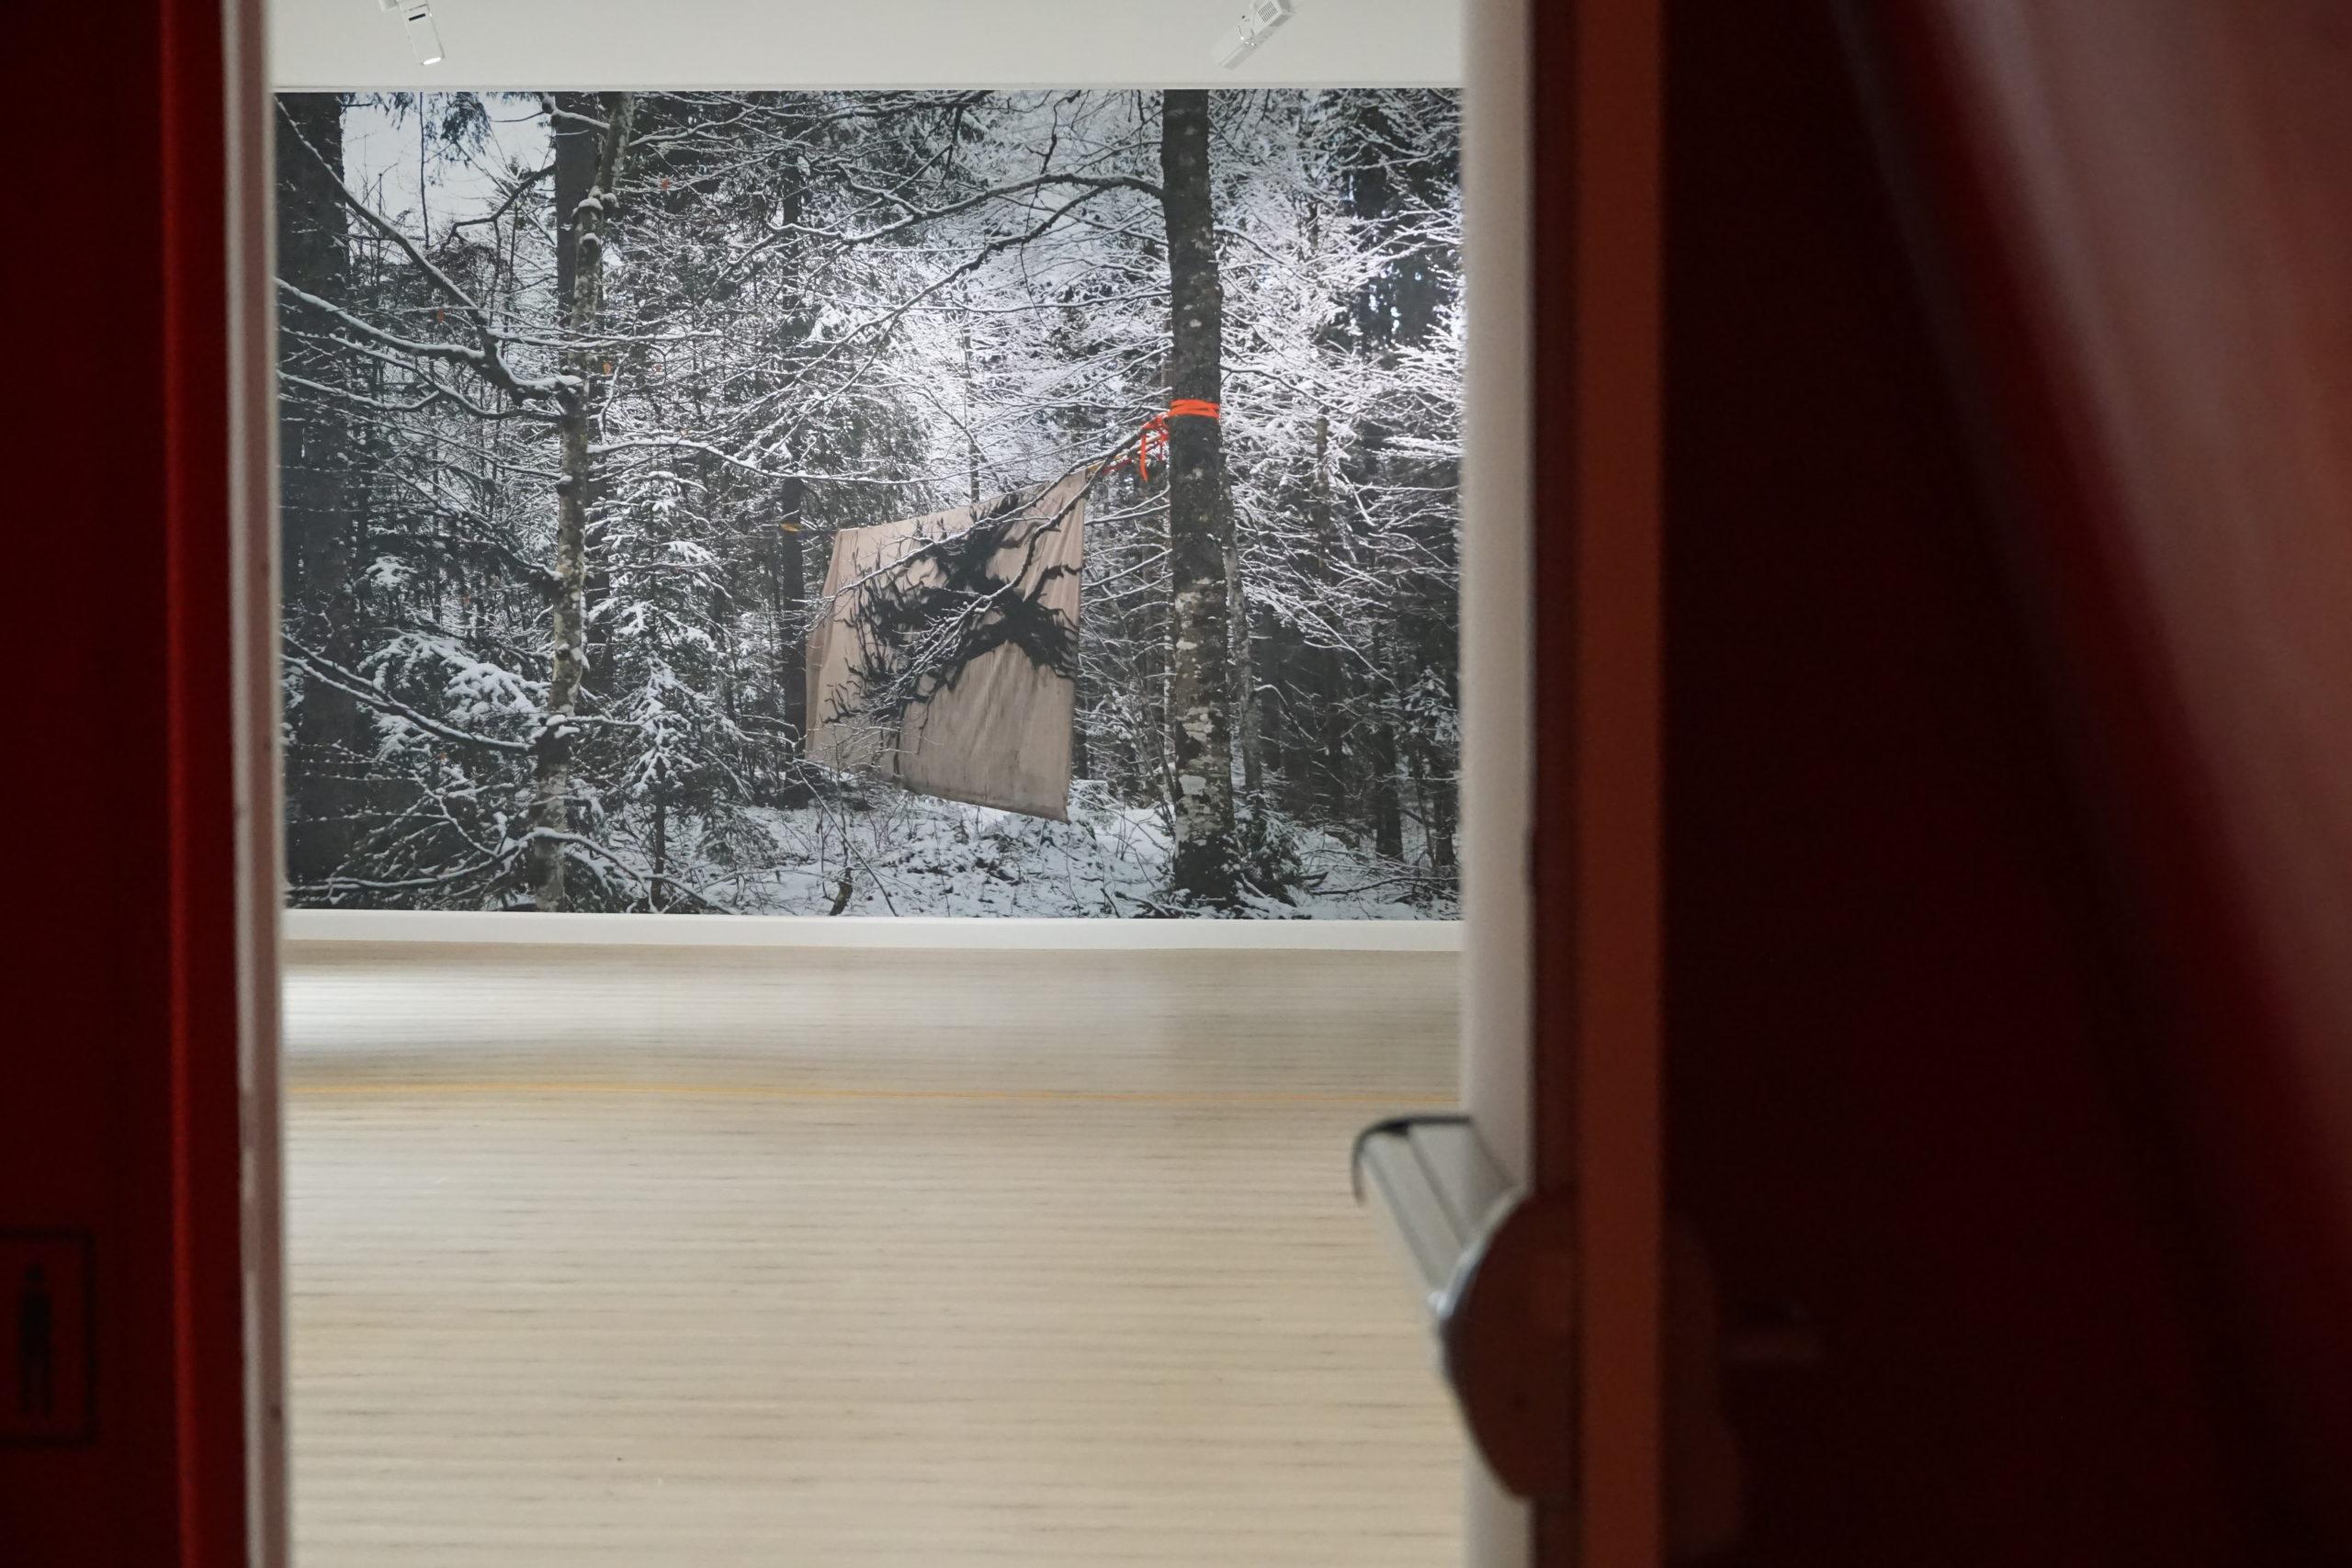 Regard_d_artiste_2021_-_Charles_Belle_et_Francois_Royet_-_exposition-Noelie_BLANC-GARIN_(CDP29)-Domaine_de_Trevarez-29073